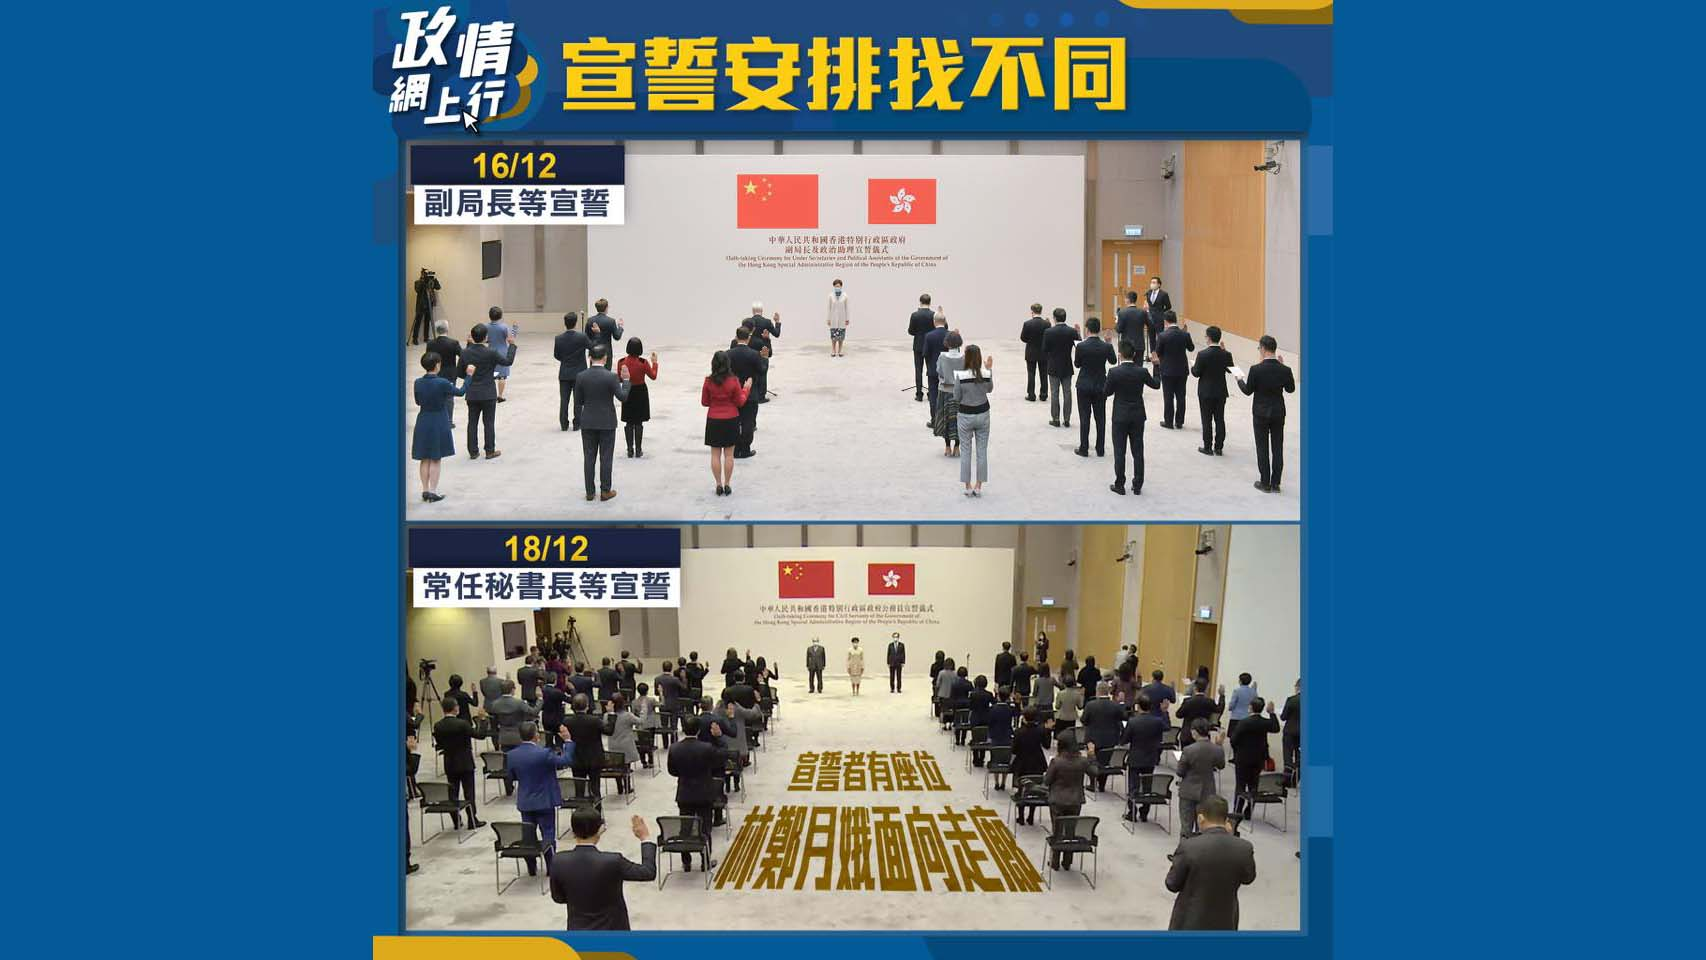 【政情網上行】宣誓安排找不同